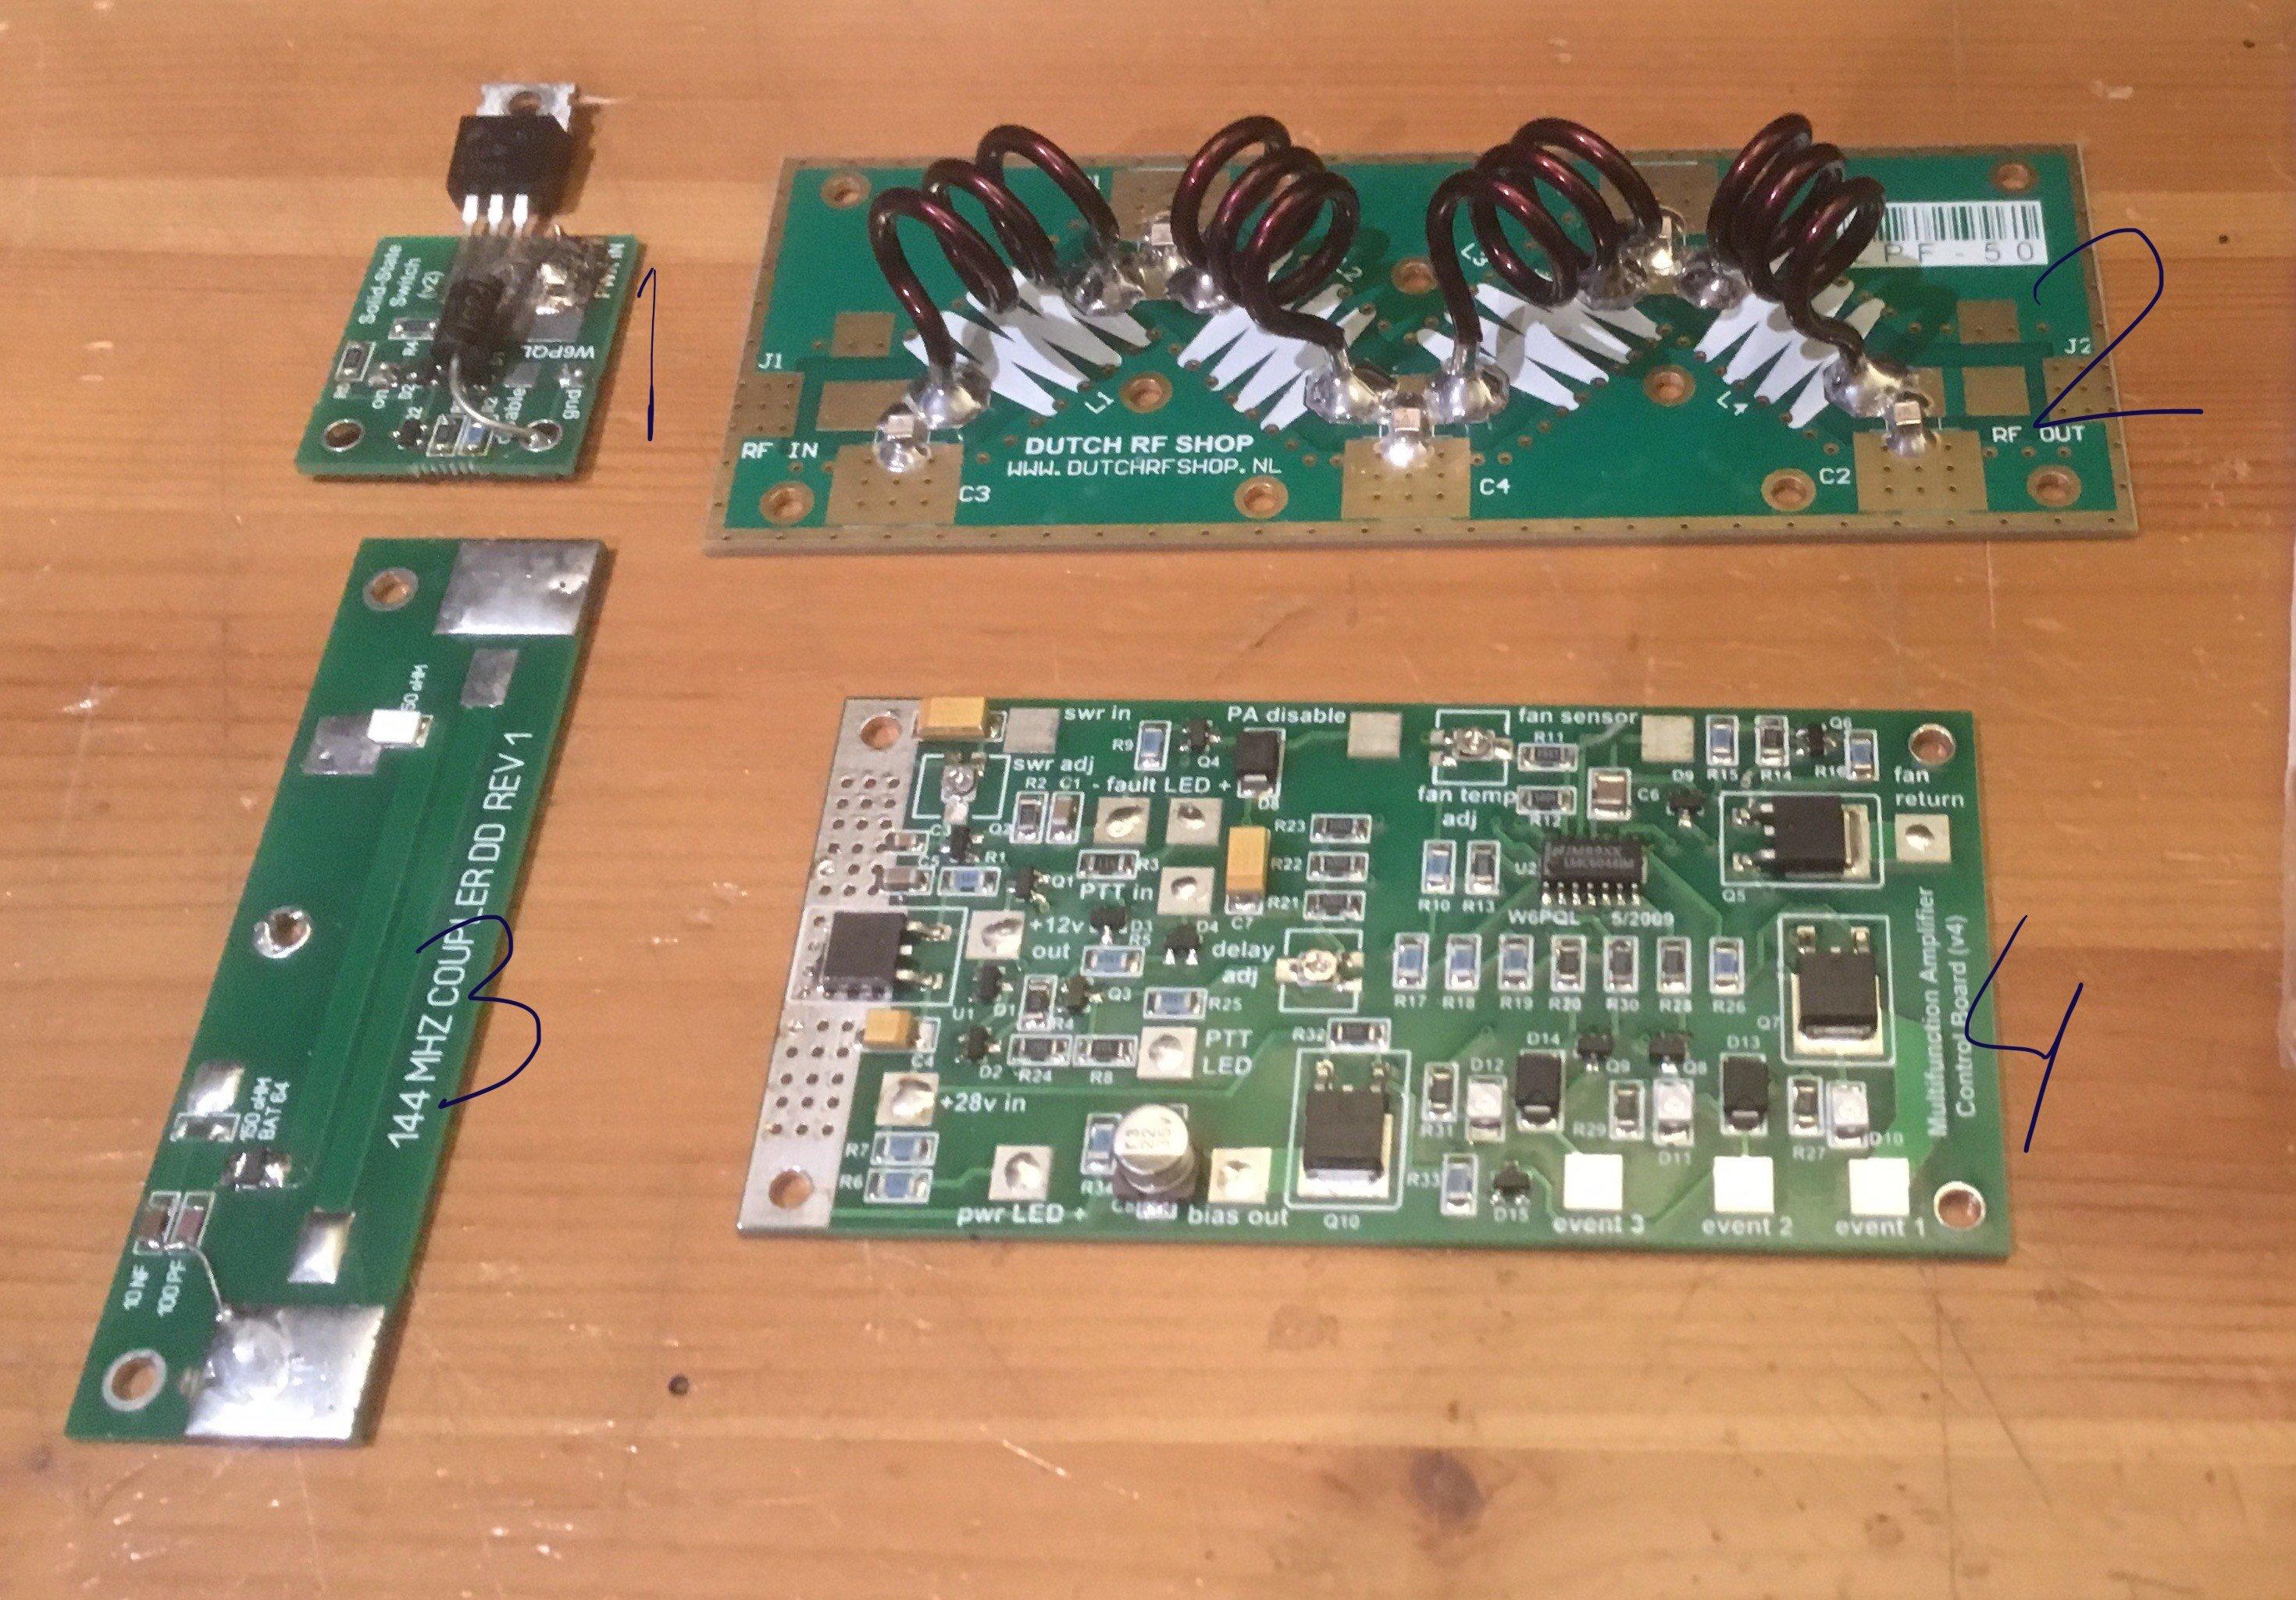 Alles compleet voor de BLF248 144Mhz PA